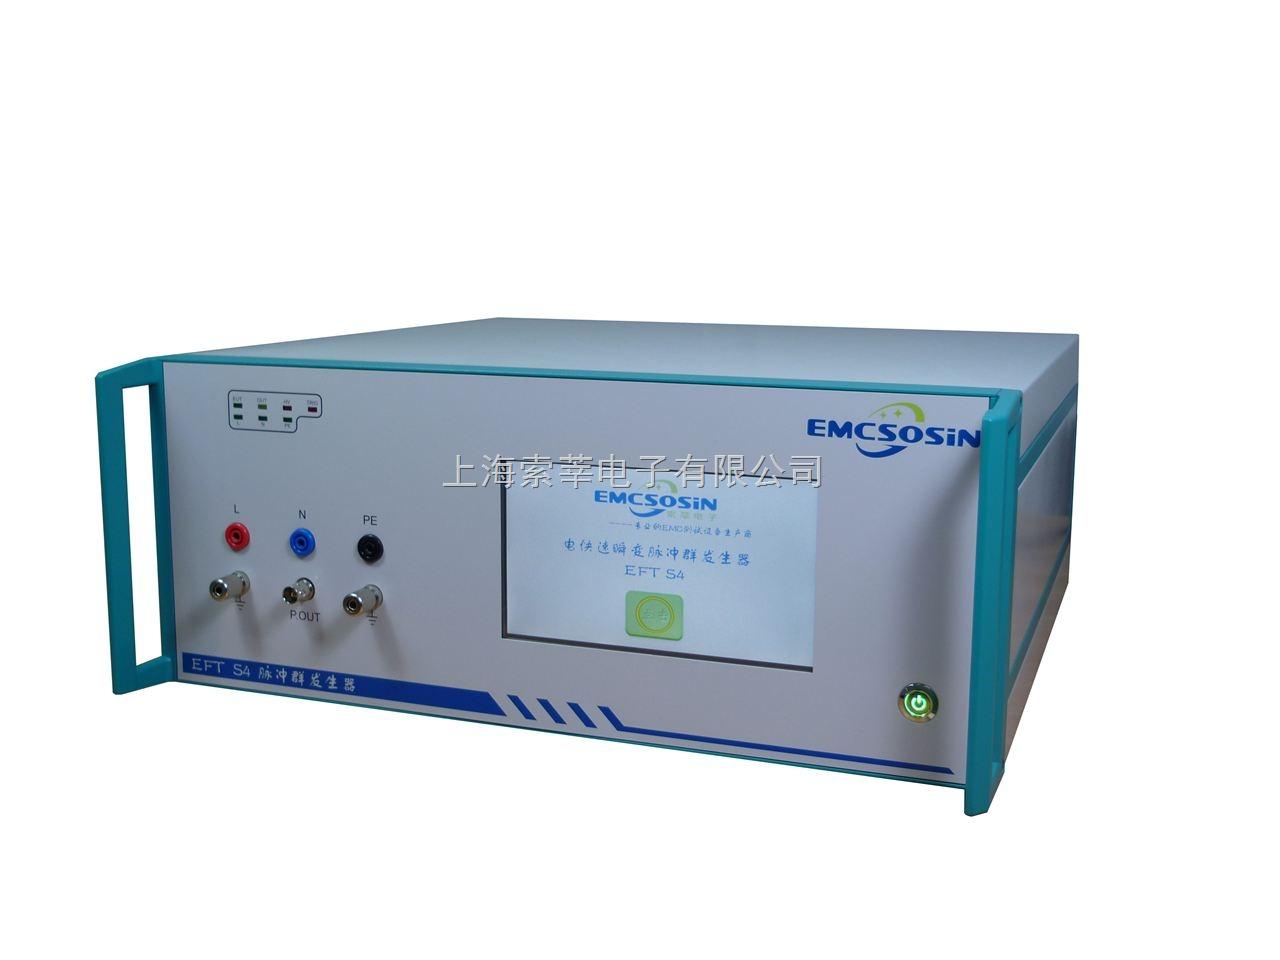 产品介绍: 电路中,诸如来自切换瞬态过程(切断感性负载、继电器触点弹掉等),通常会对同一电路中的其他电气和电子设备产生干扰。这类干扰的特点是:高幅值、短上升时间、高重复率和低能量。成群出现的窄脉冲可对半导体器件的结电容充电,当累积到一定程度后可能引起电路或设备出错。脉冲群发生器为评估电气和电子设备的供电电源端口、信号、控制和接地端口在受到电快速瞬变脉冲群干扰时的性能确定一个共同的能再现的评定依据。产品完全满足IEC61000-4-4、EN60100-4-4和GB/T17626.